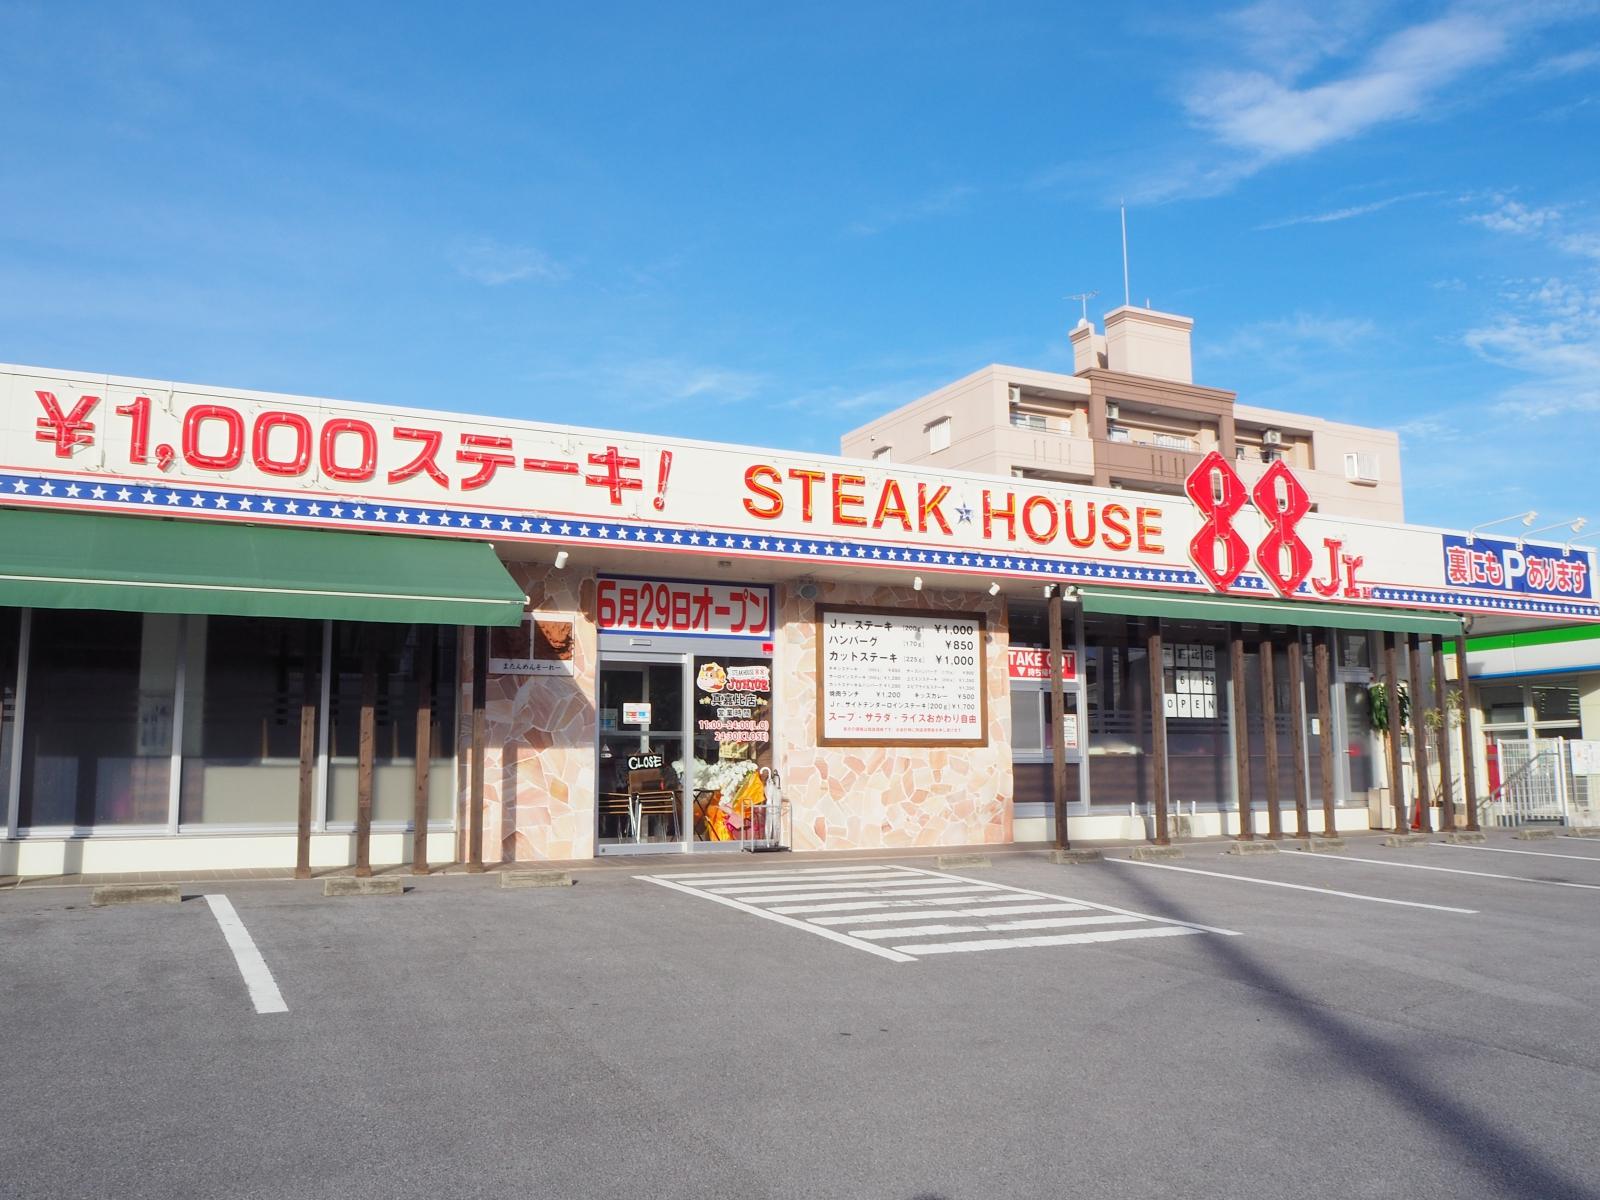 ステーキハウス88 Jr.真嘉比店06